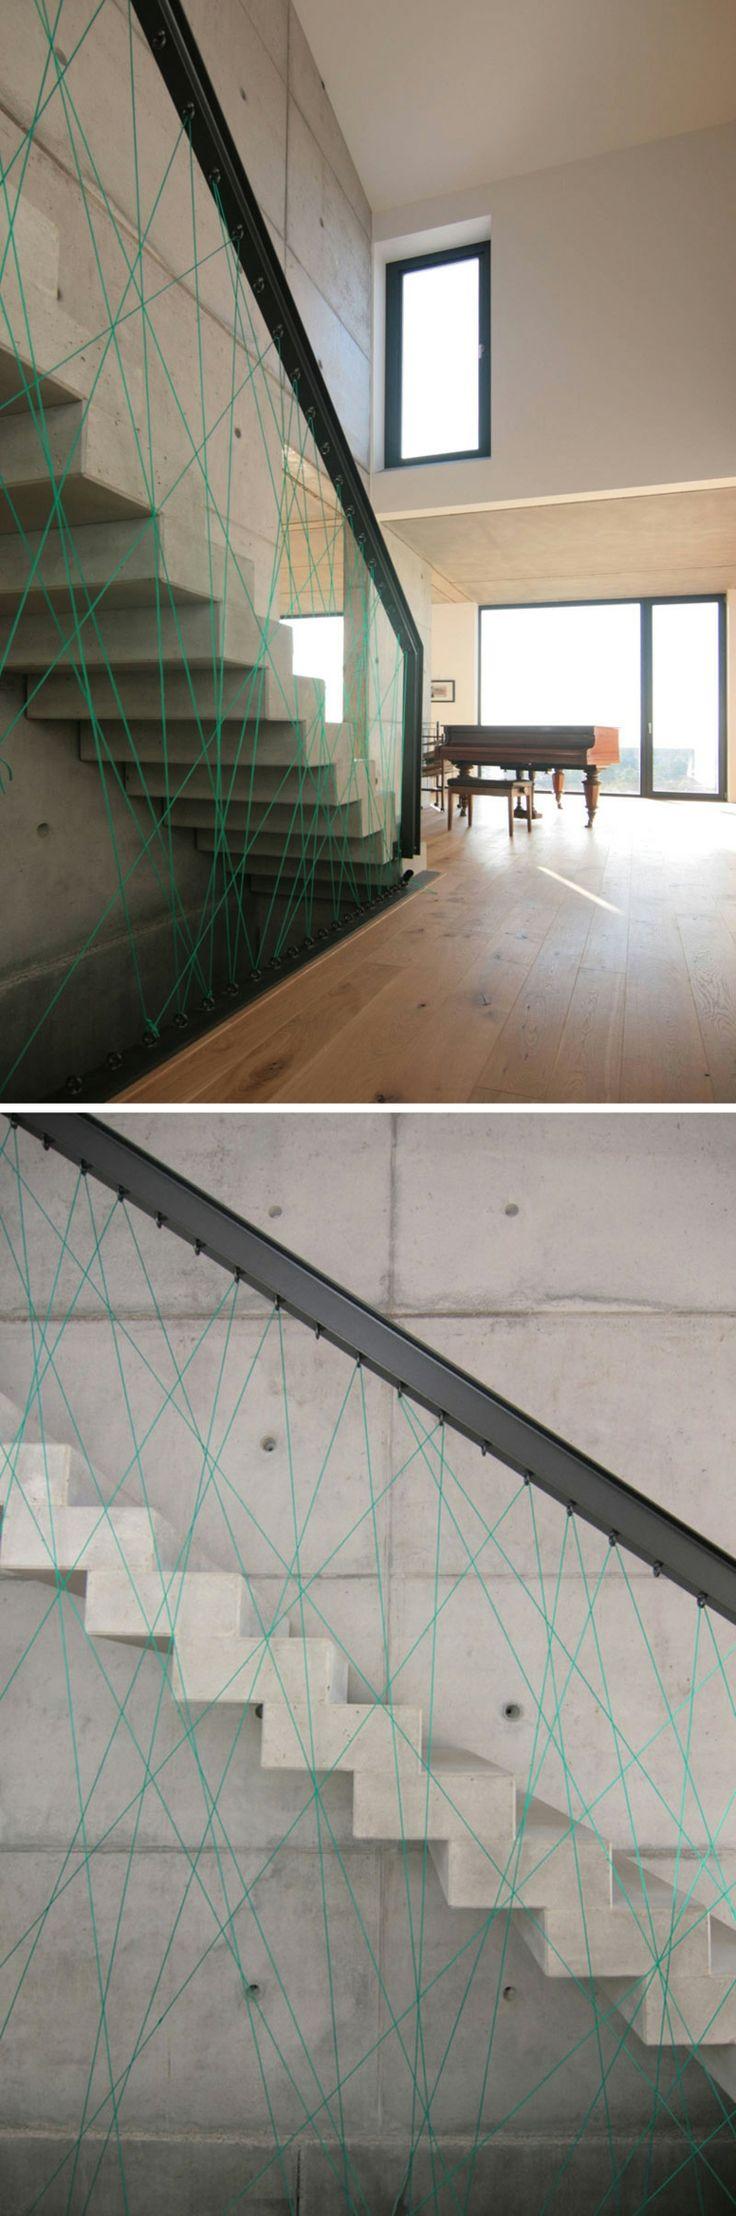 originales escaleras con barandillas de cuerda